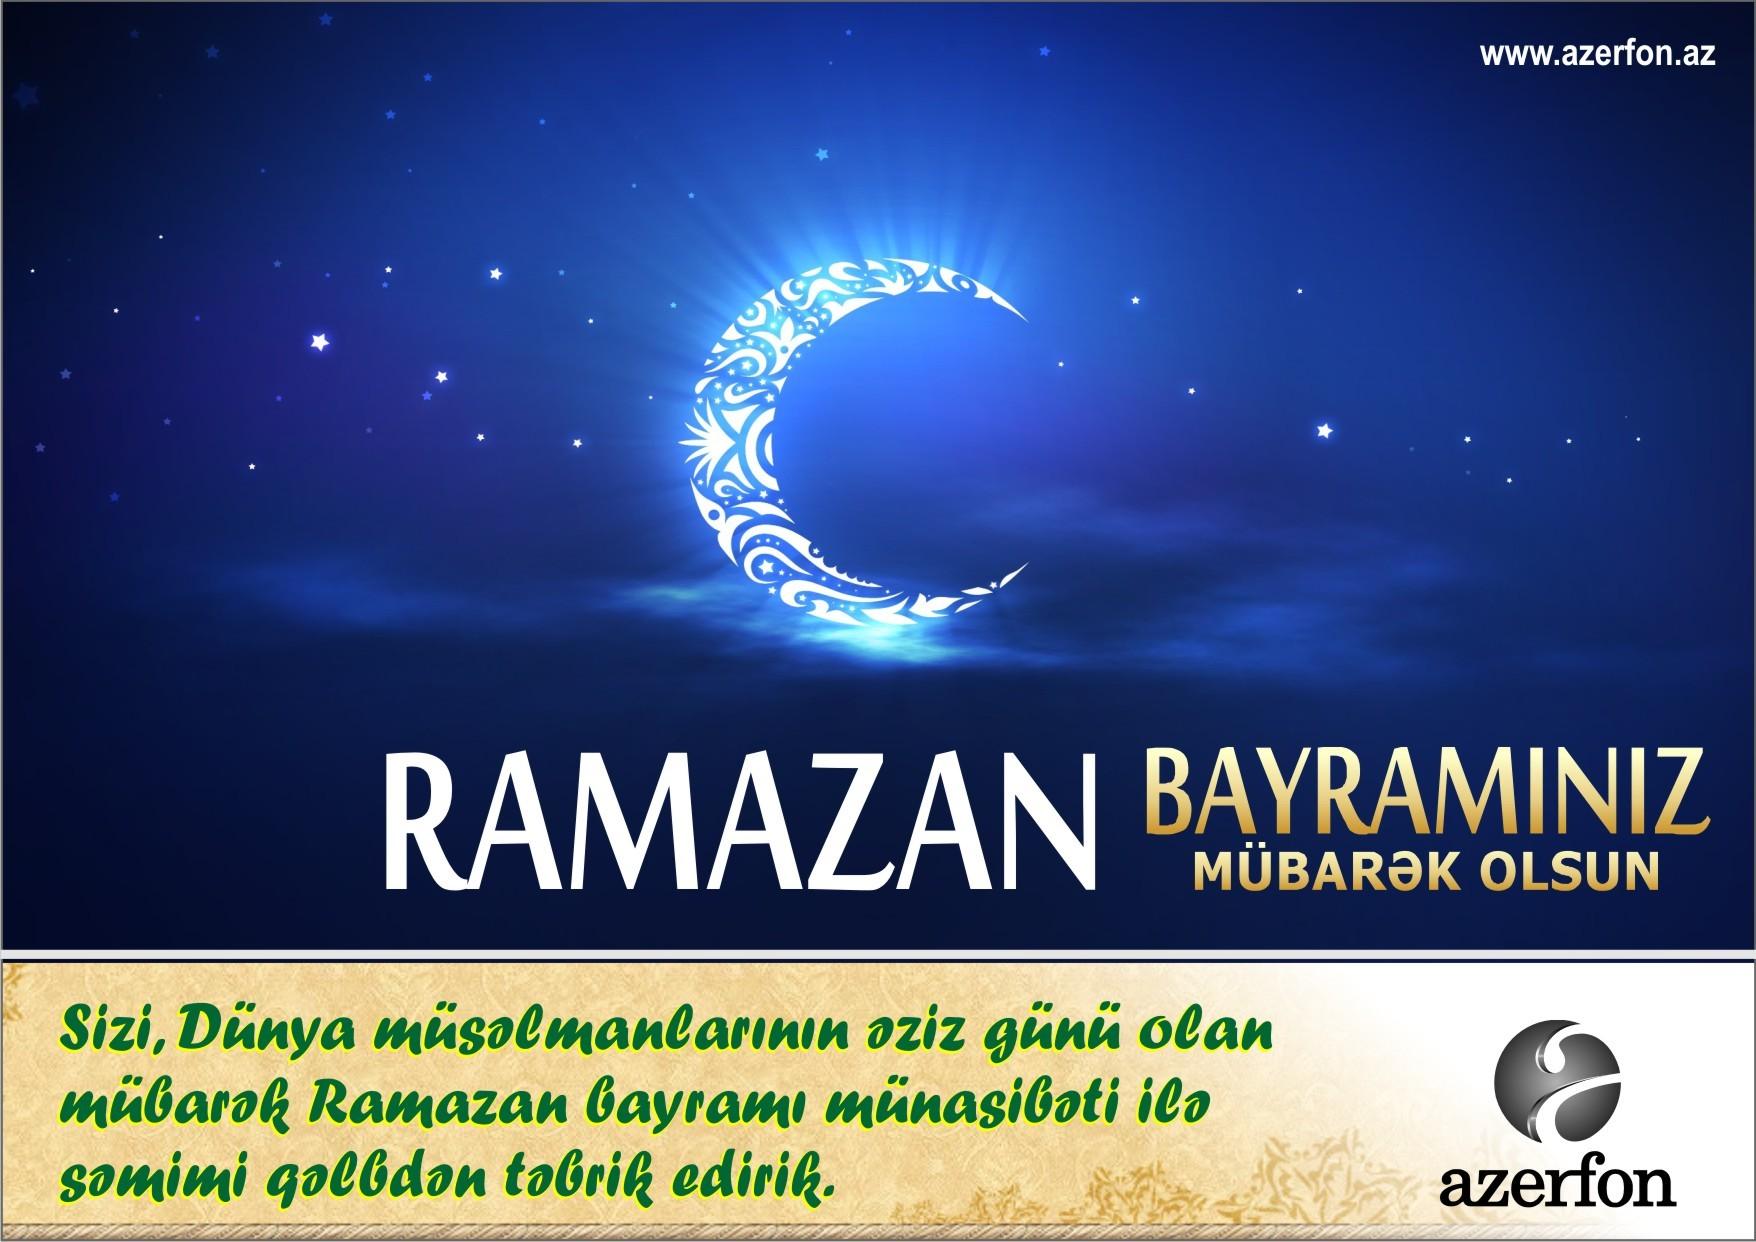 Ramazan Bayramı sabahdır